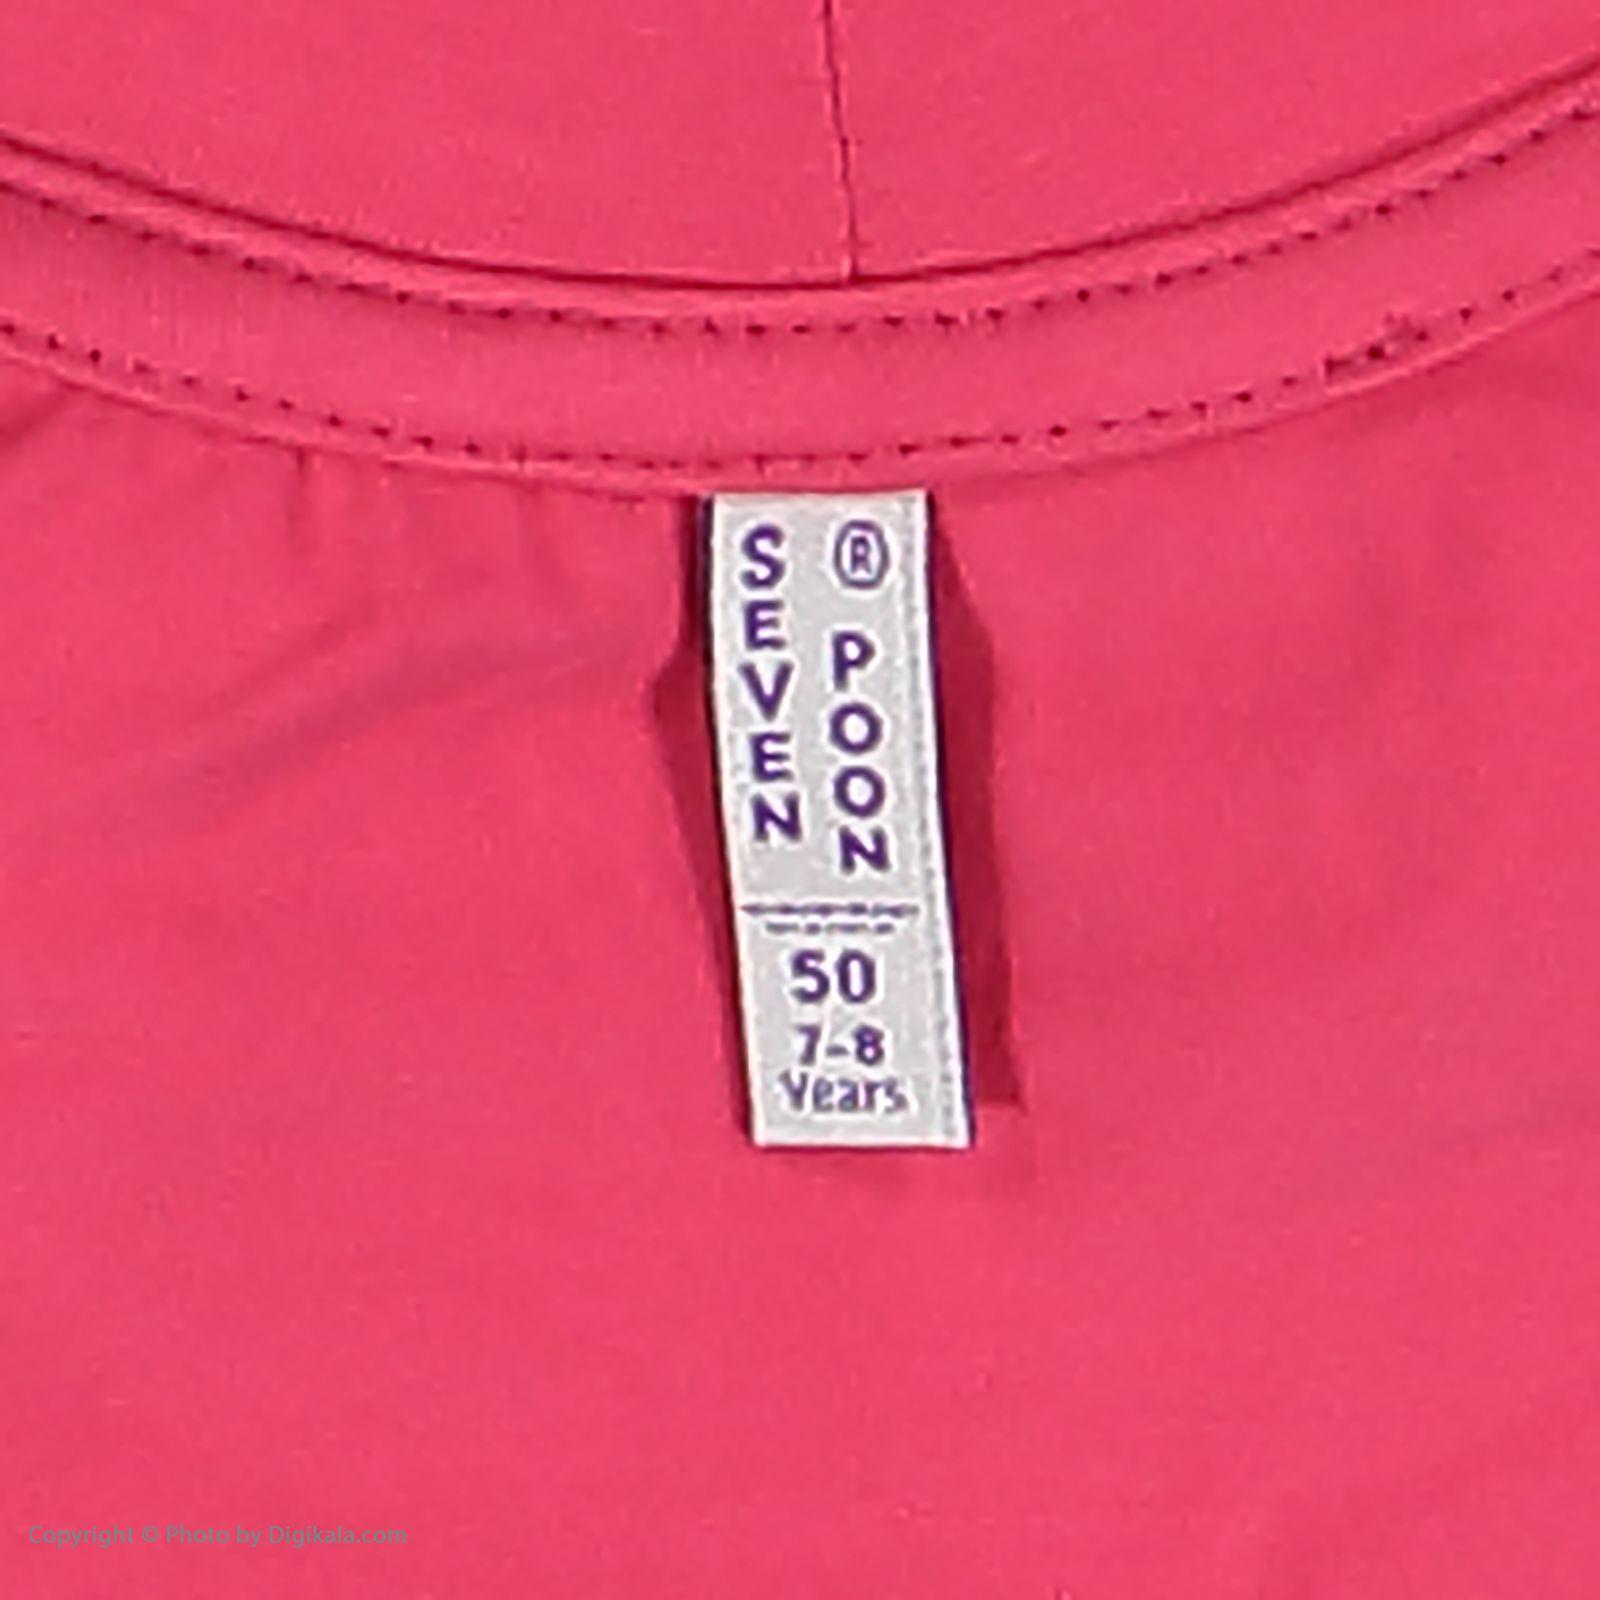 تی شرت دخترانه سون پون مدل 1391361-88 -  - 6